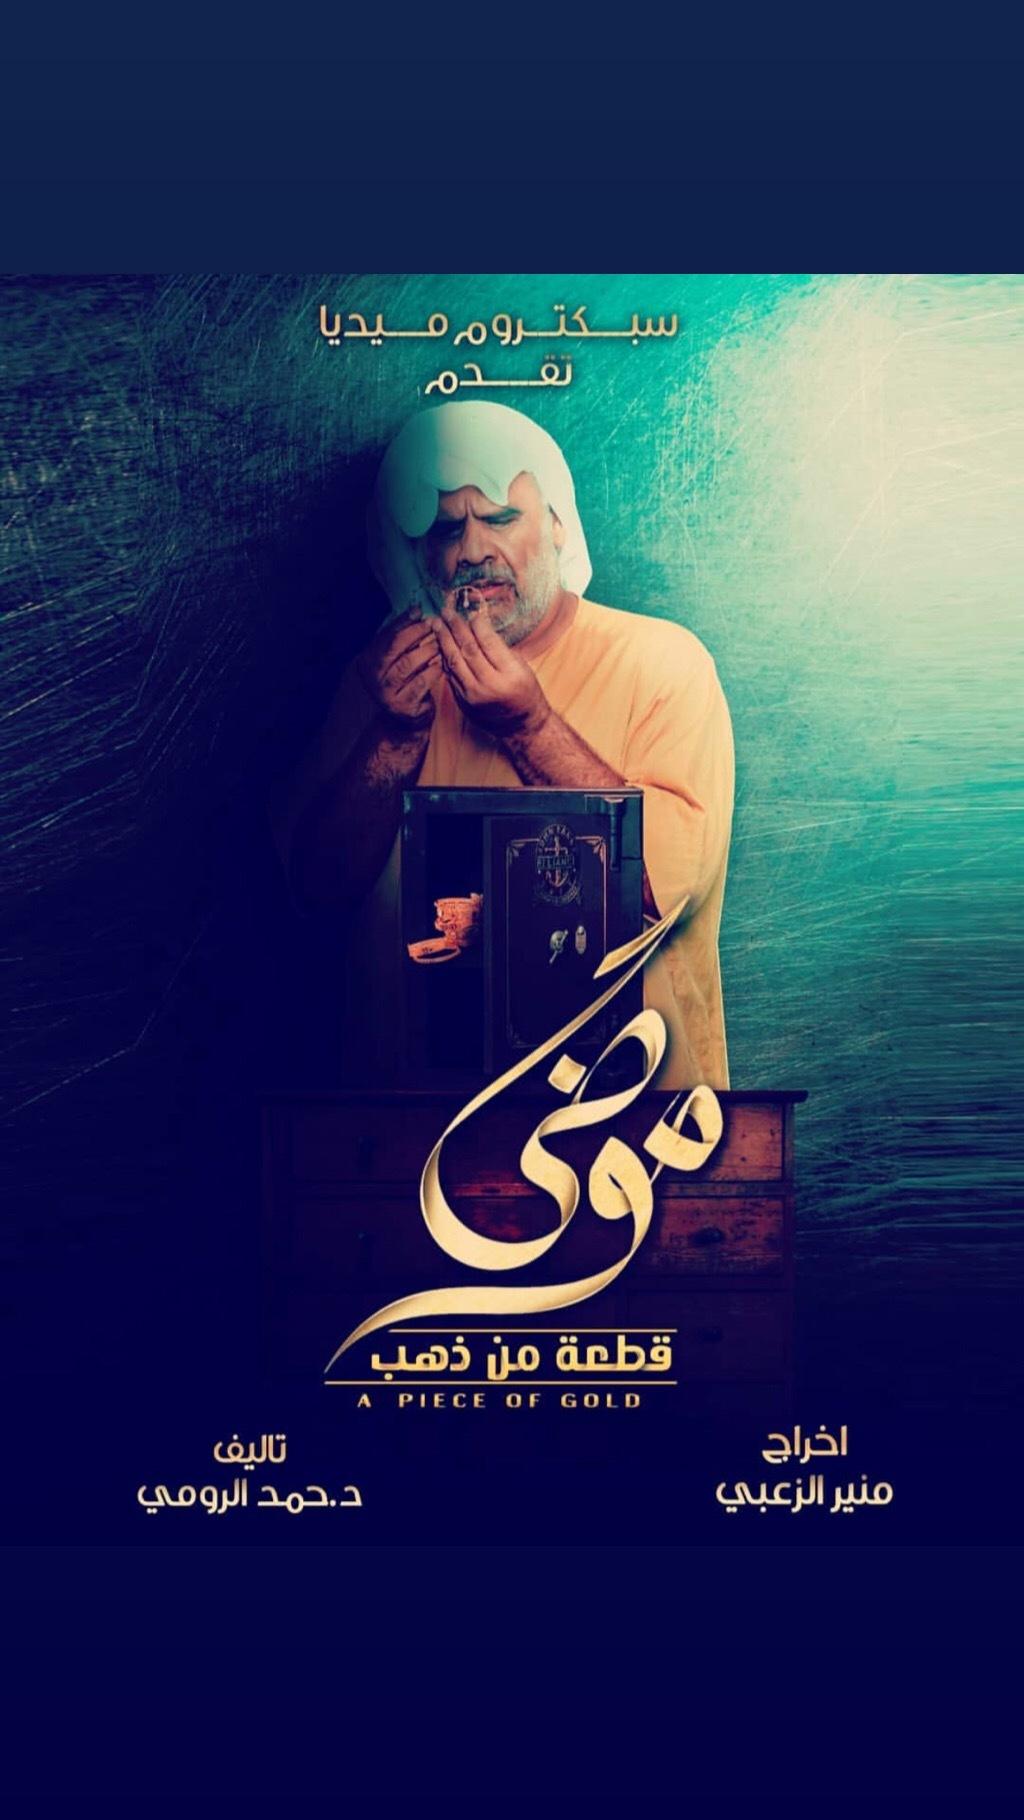 احداث وتفاصيل الحلقة 30 مسلسل موضي قطعة من ذهب رمضان 2019